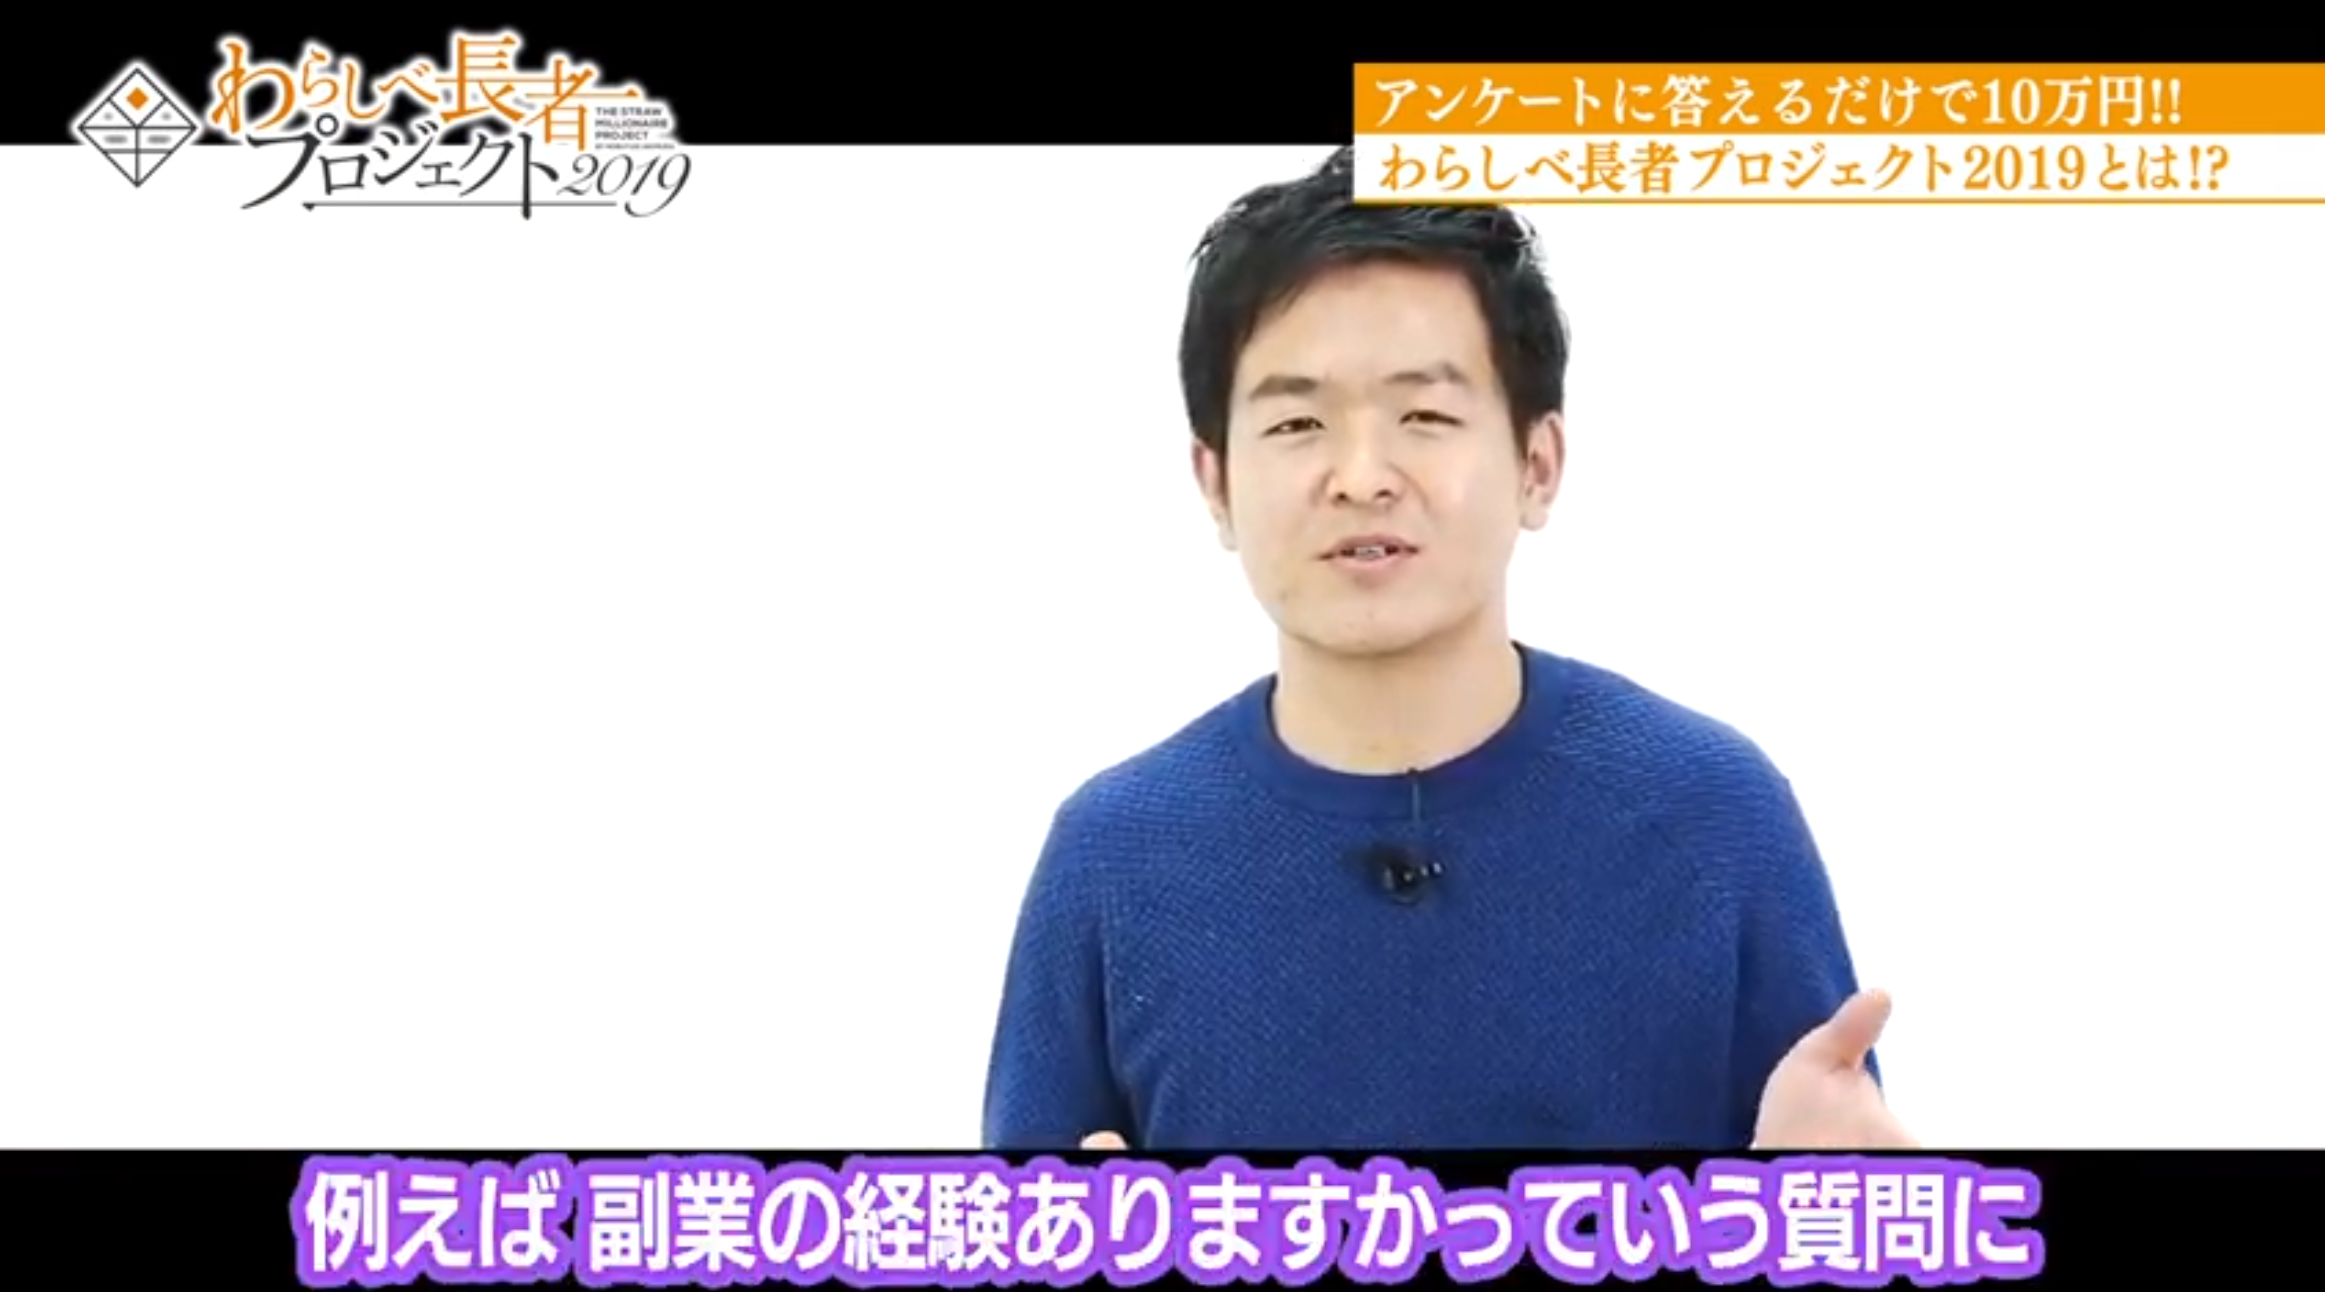 有村ノブユキ わらしべ長者プロジェクト2019 YouTube画像1